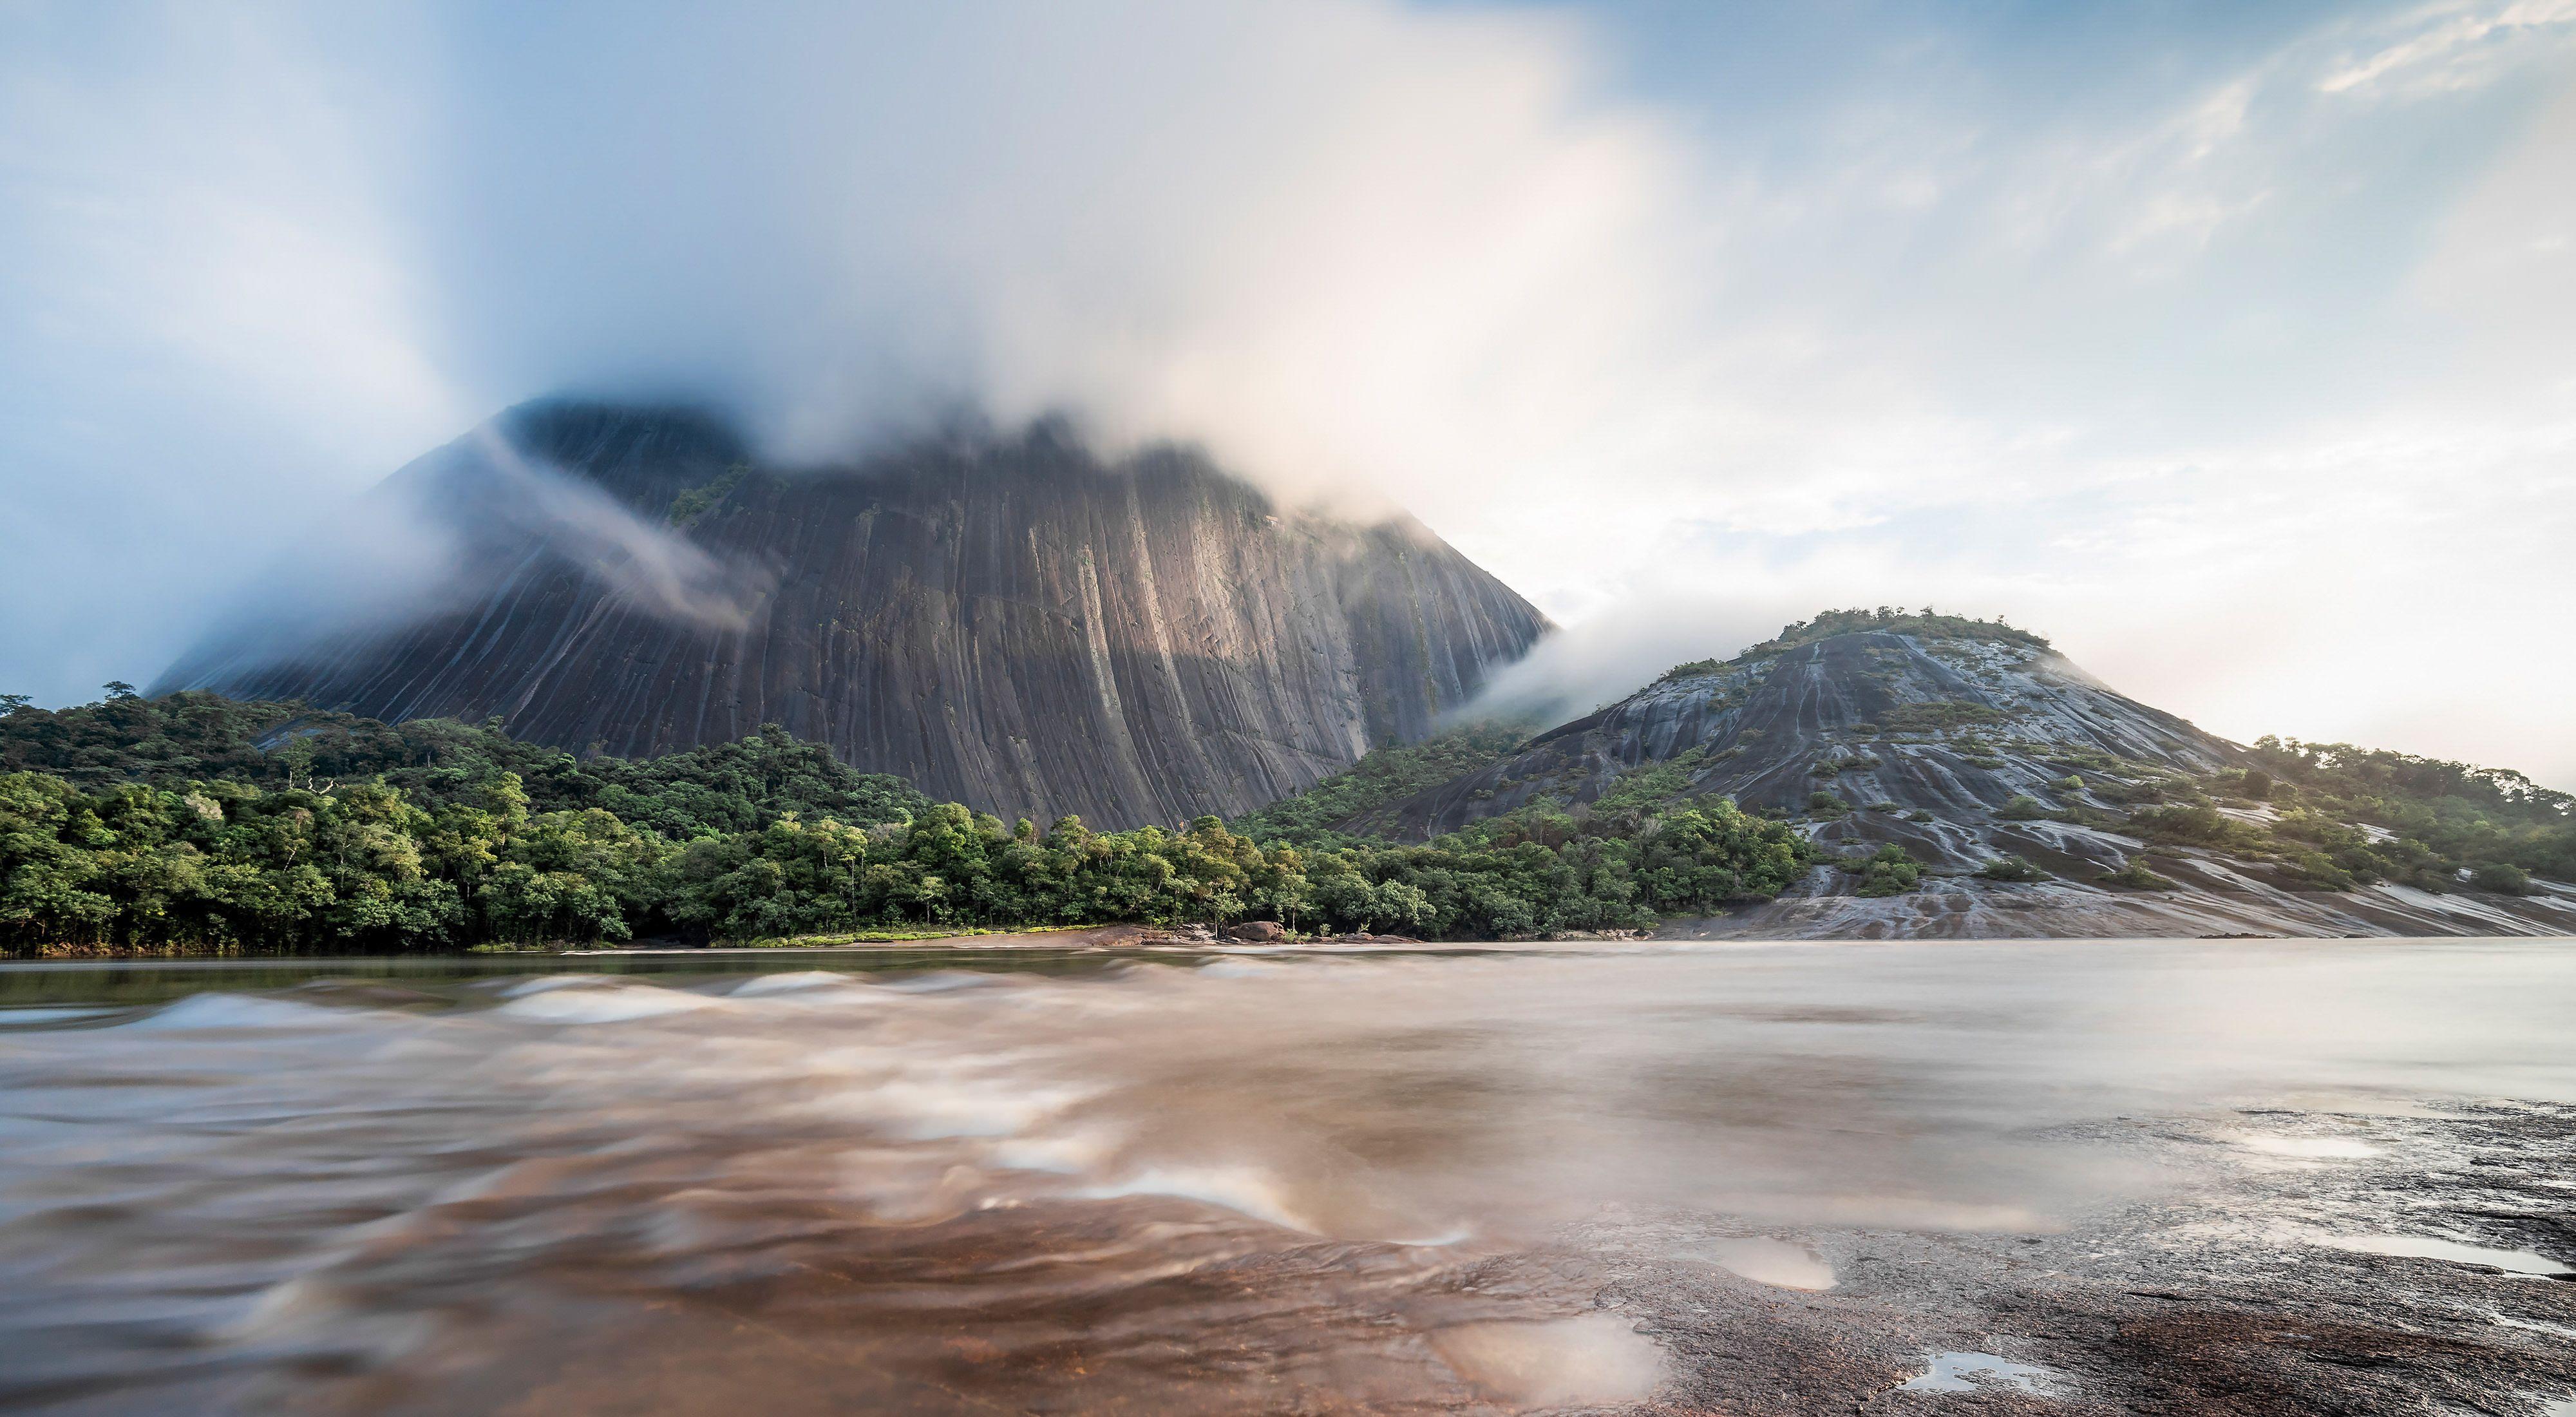 río Inirida, Colombia